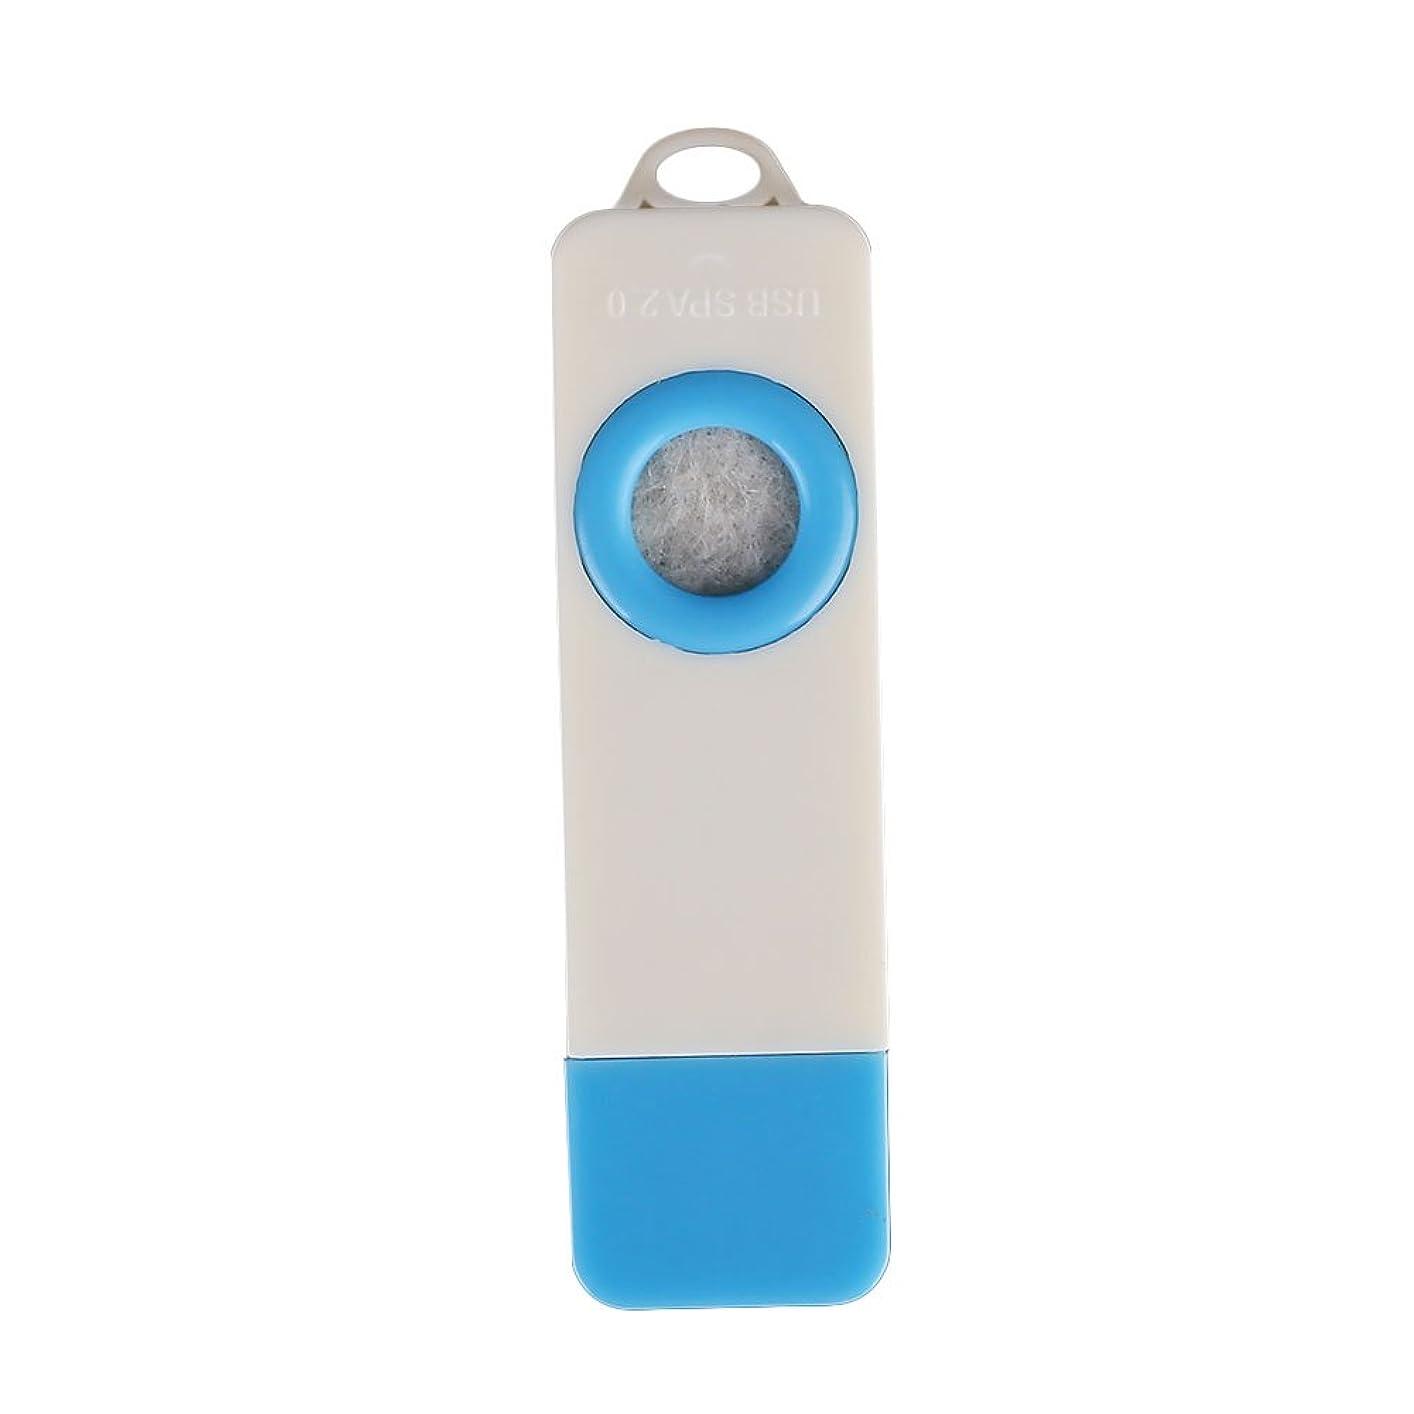 金銭的ご近所湿気の多いTOPmountain ファッションミニ USBアロマセラピーディフューザー ポータブル自動香 カーアクセサリーアクセサリー ホームアロマセラピー 健康アロマ オイル加湿器